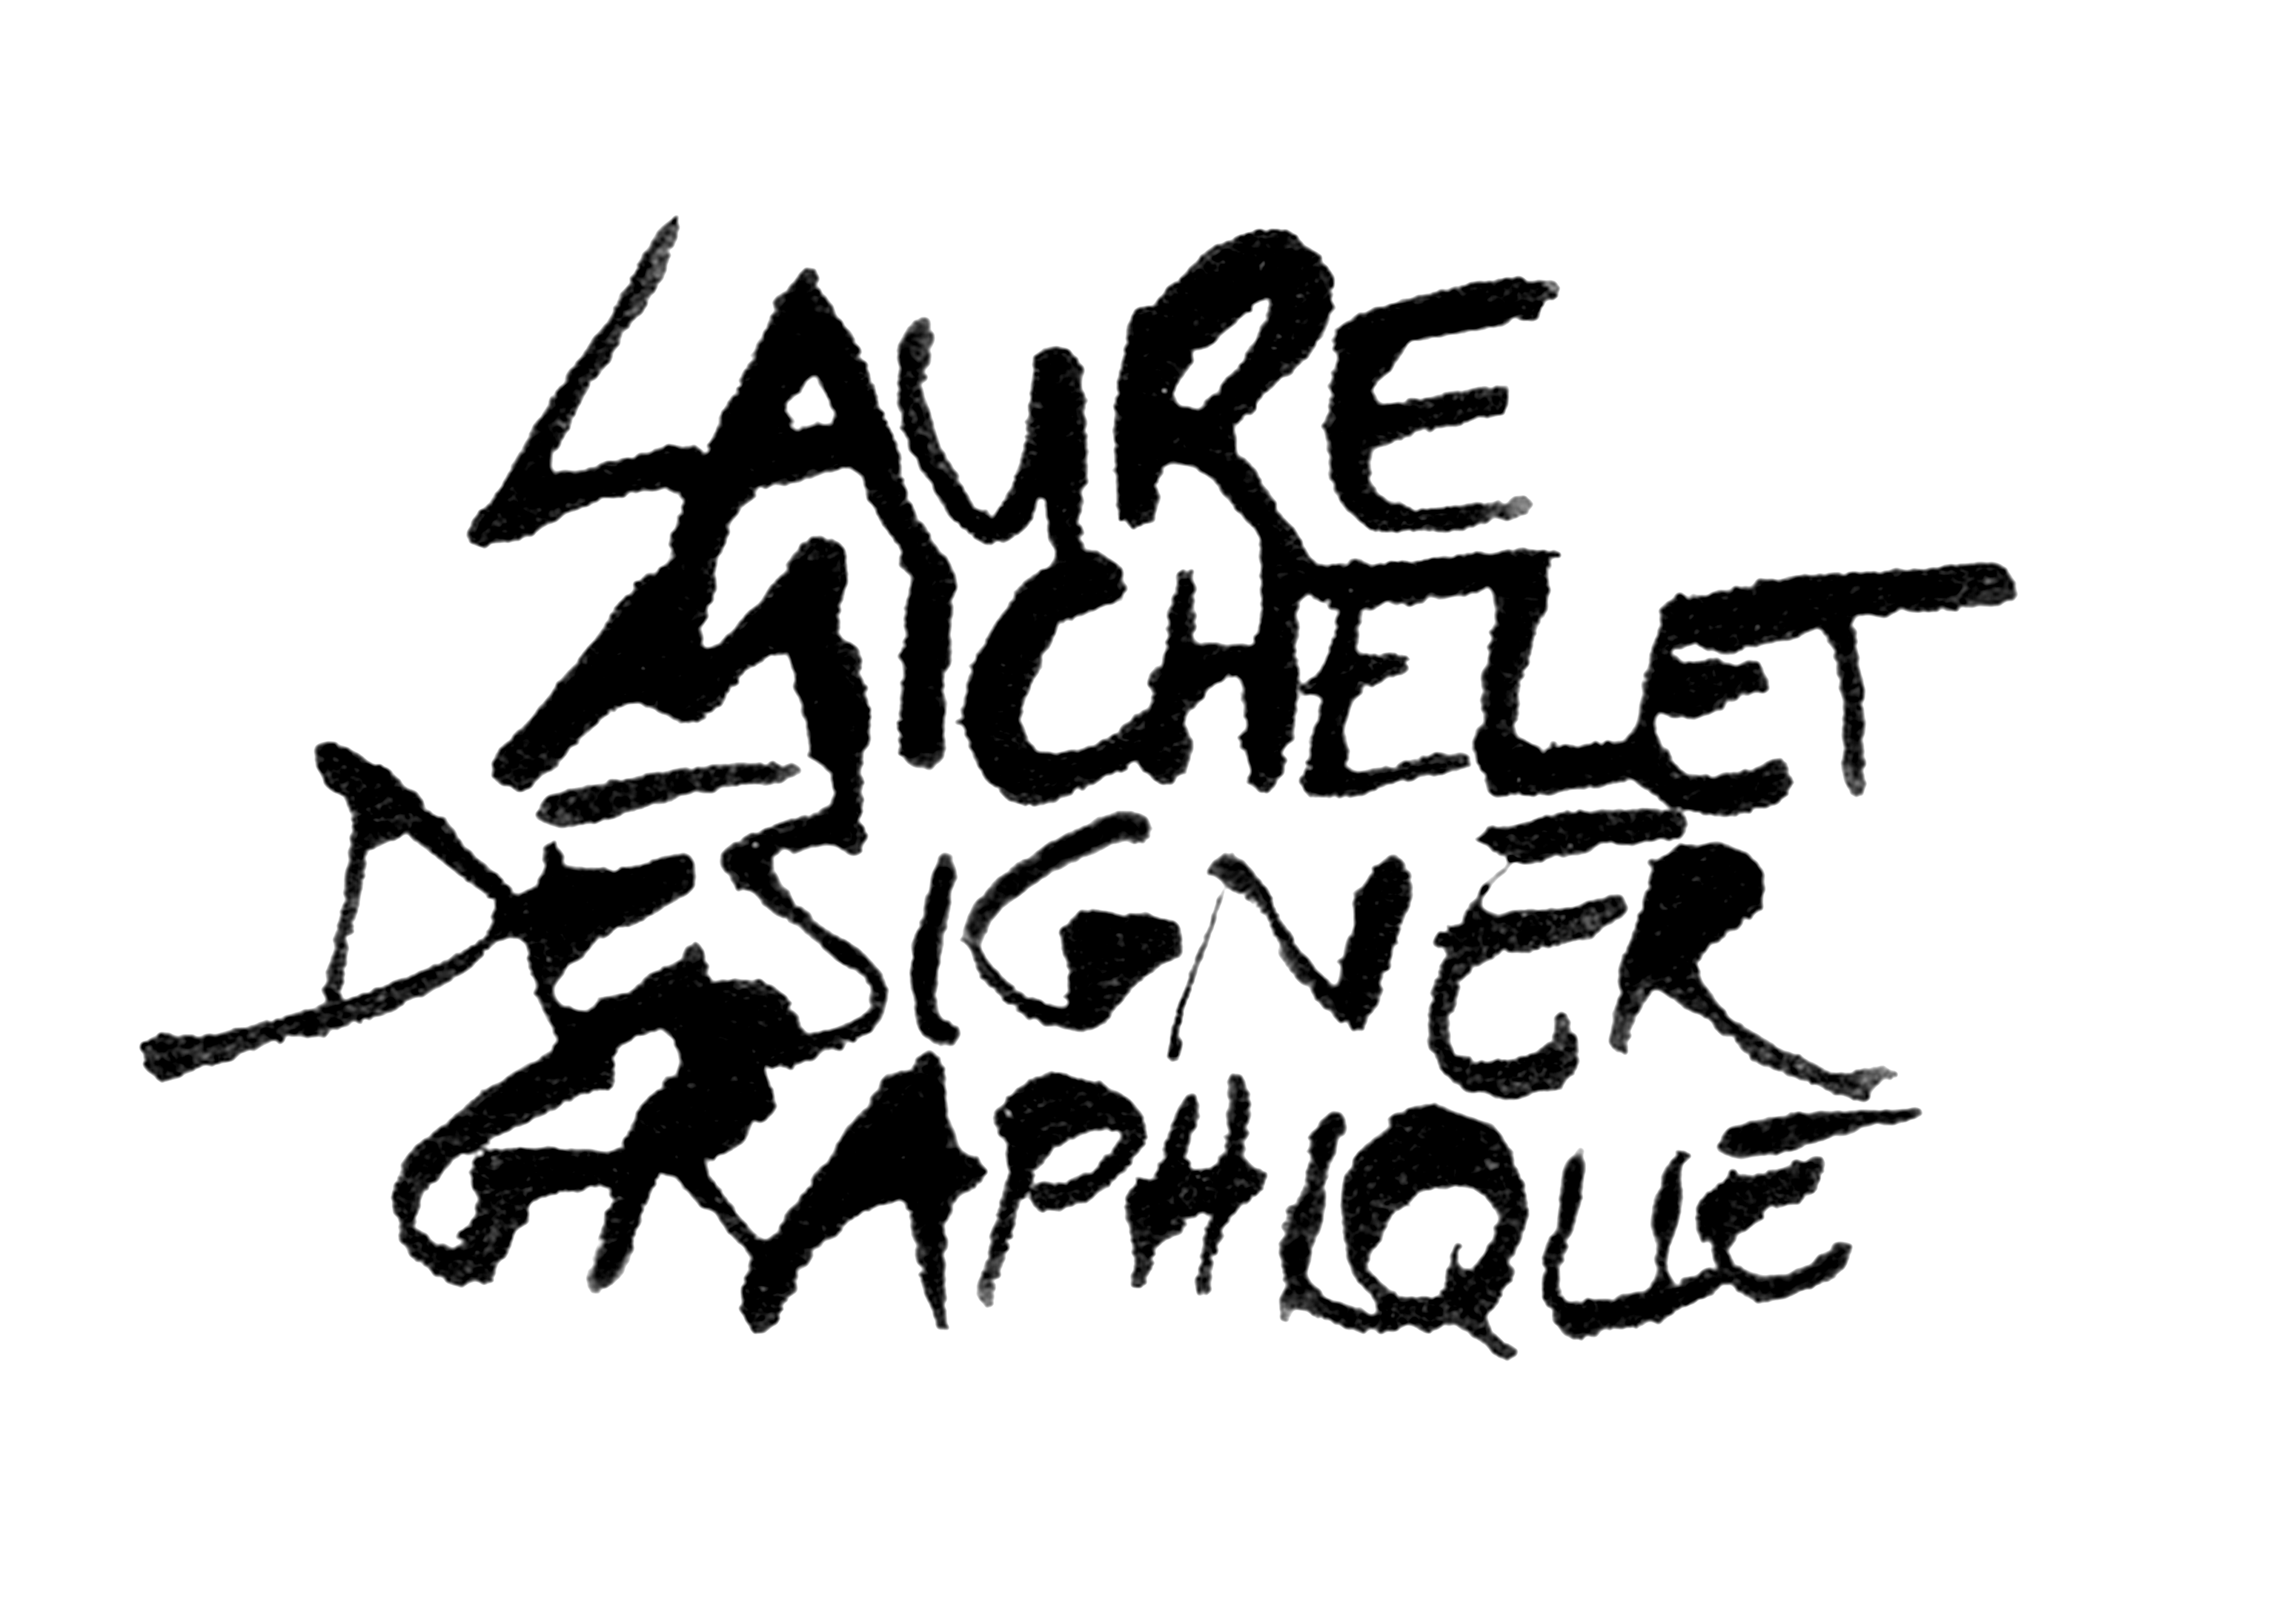 Laure Michelet